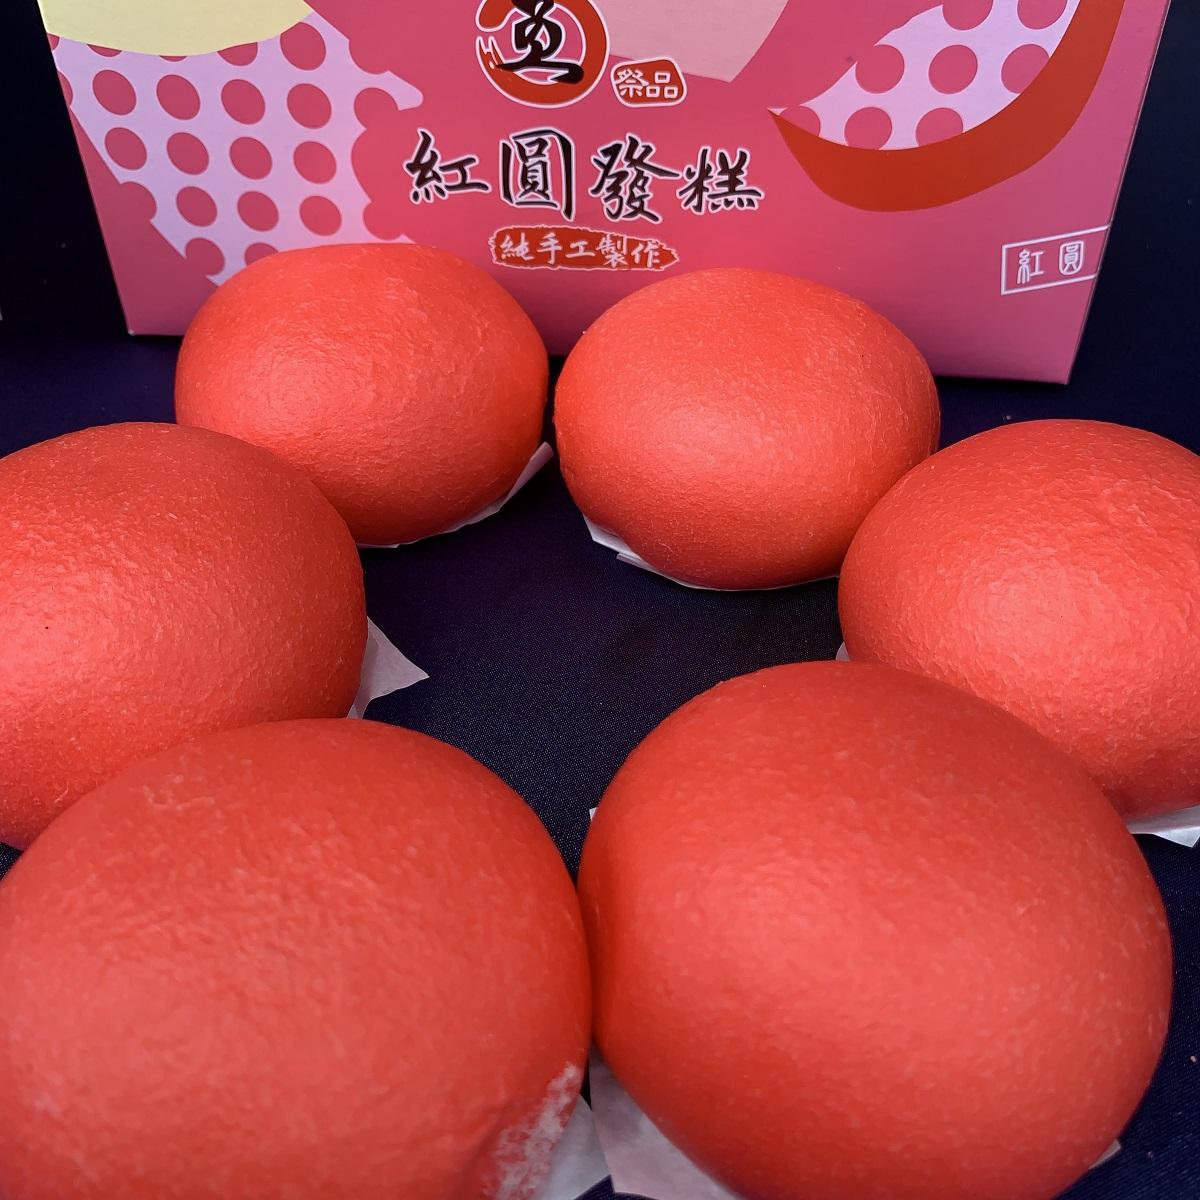 圓滿紅圓發糕組(六顆紅圓、一顆發糕)